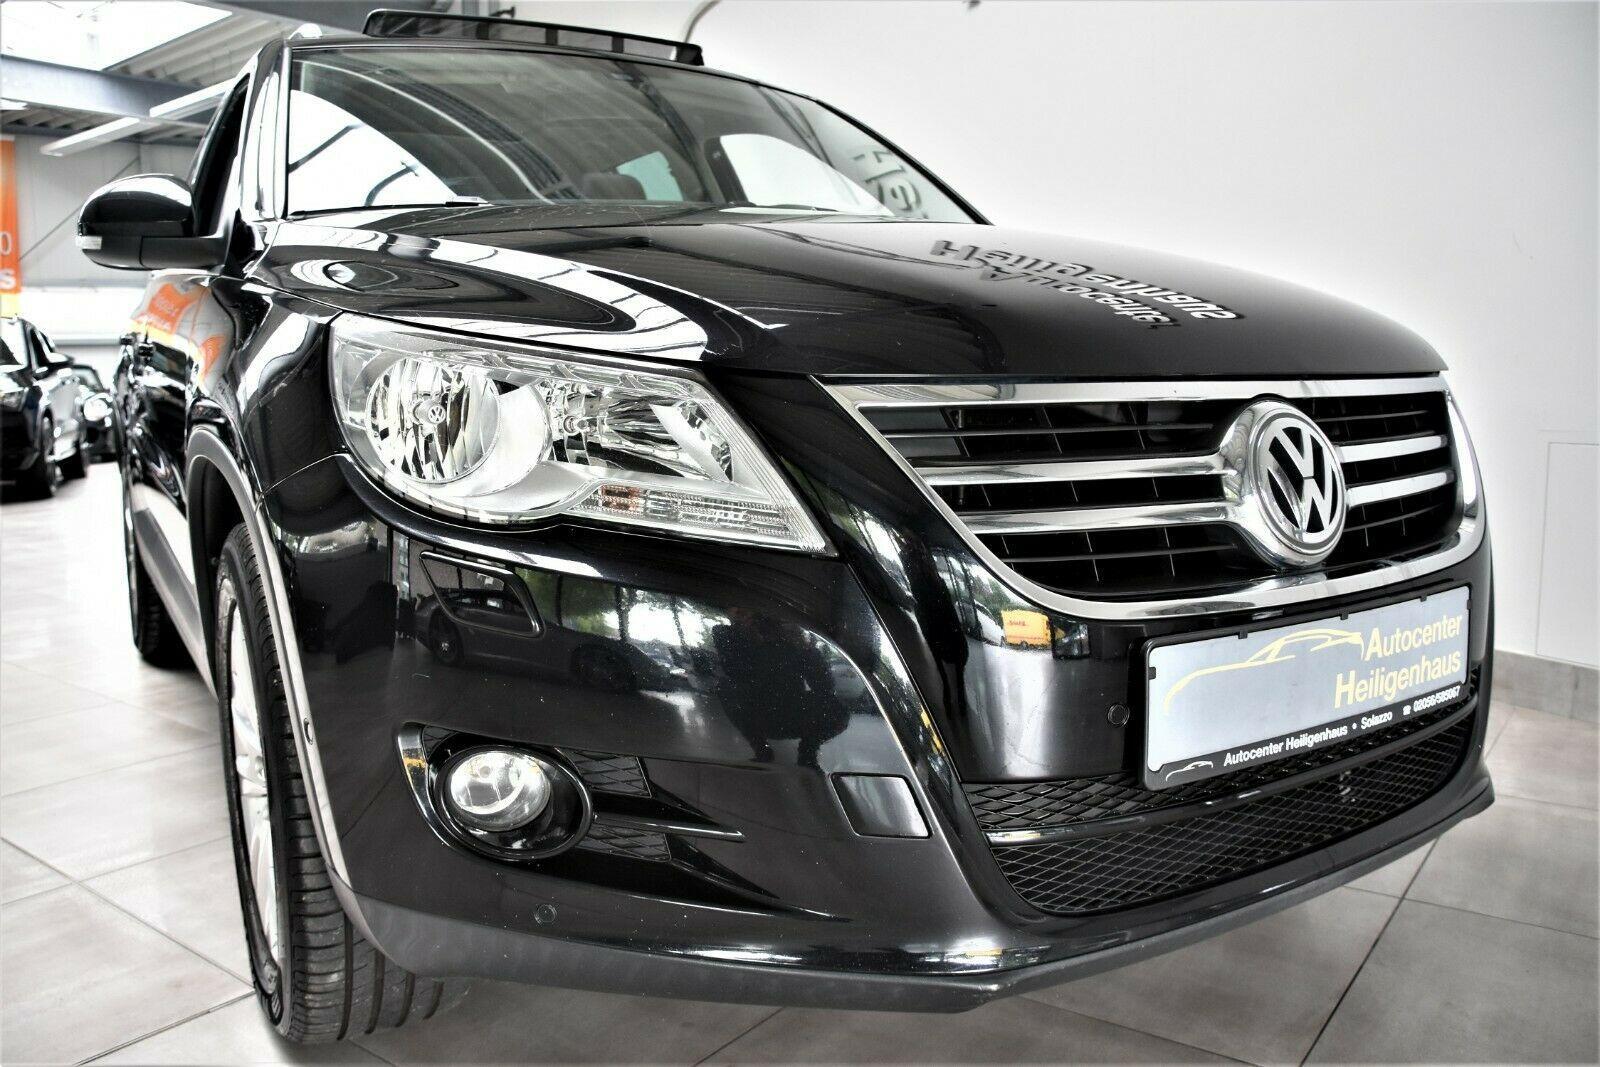 VW Tiguan 2.0 TDI 4Motion Klima Navi ParkAssist AHK